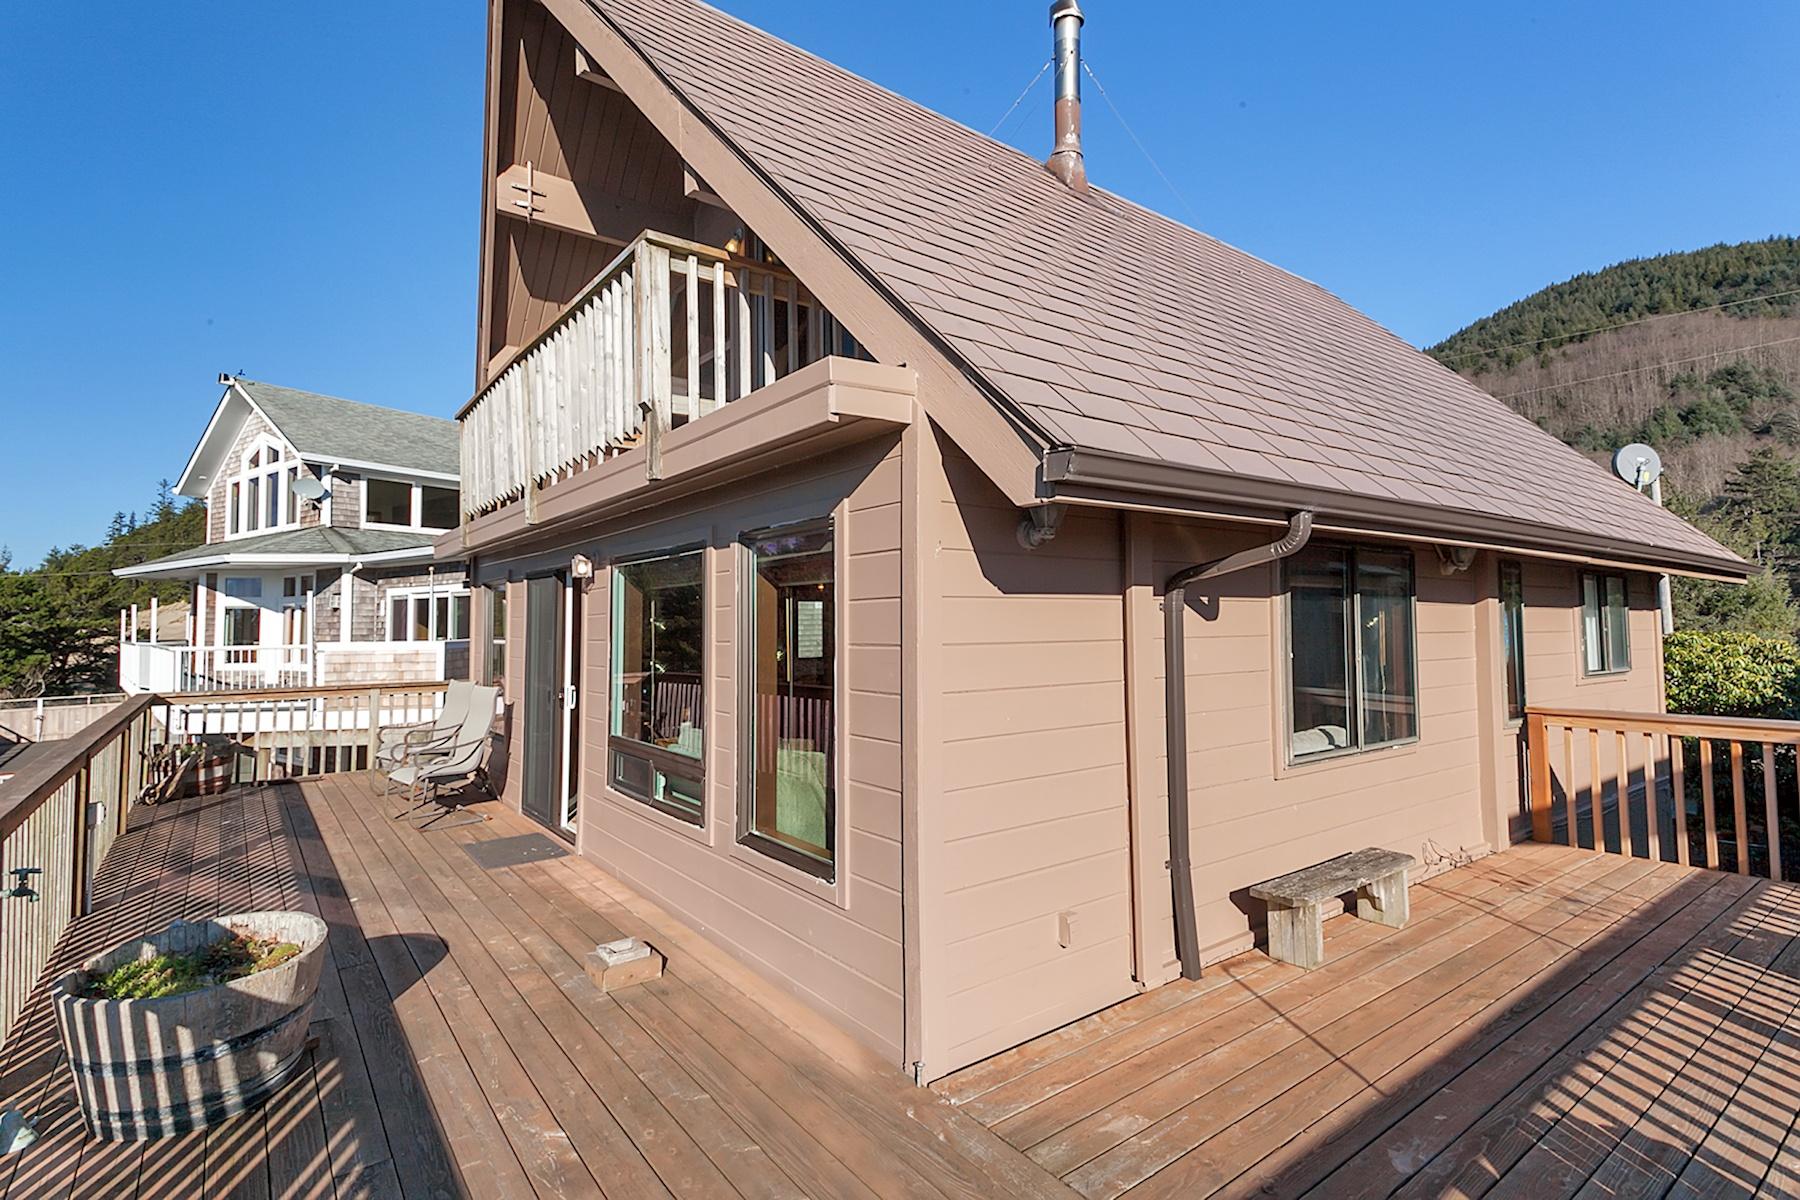 Einfamilienhaus für Verkauf beim Whitewater Views Vacation Rental With Game Room 15670 OCEANVIEW Ave Rockaway Beach, Oregon, 97136 Vereinigte Staaten